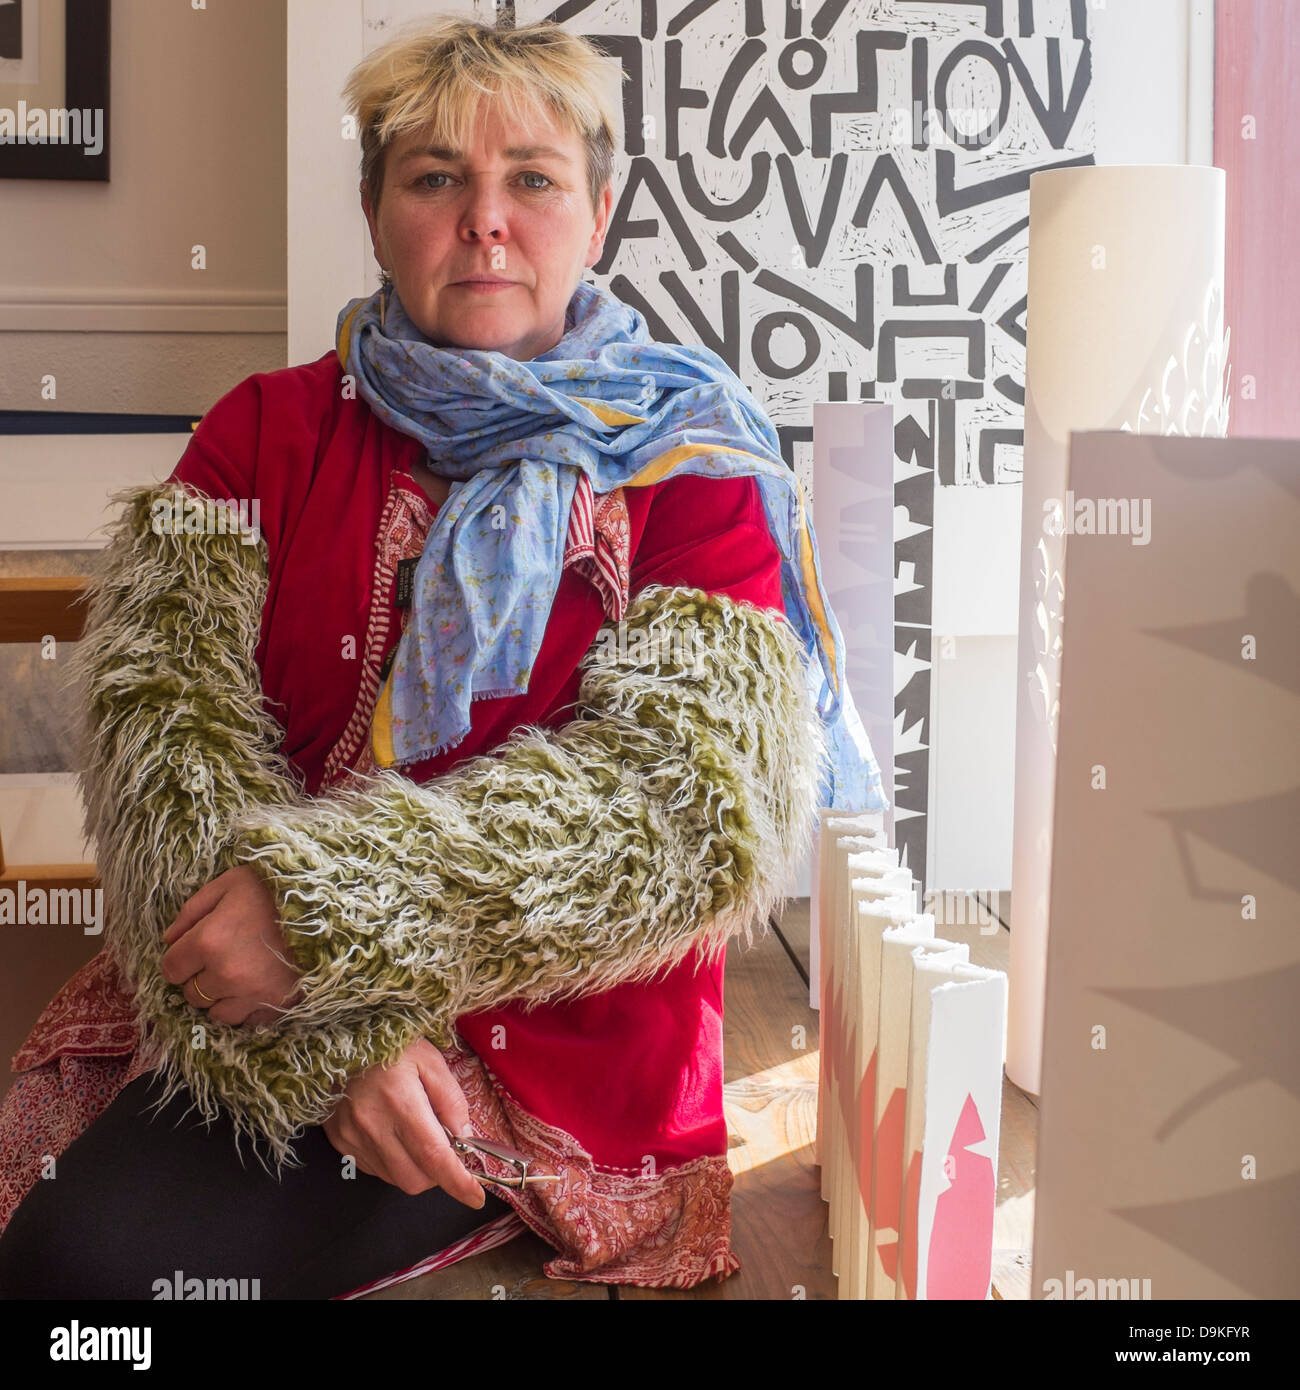 Welsh artista visual RUTH JEN EVANS, con algunos de sus trabajos en Oriel y Bont, Gales Aberystwyth UK Imagen De Stock